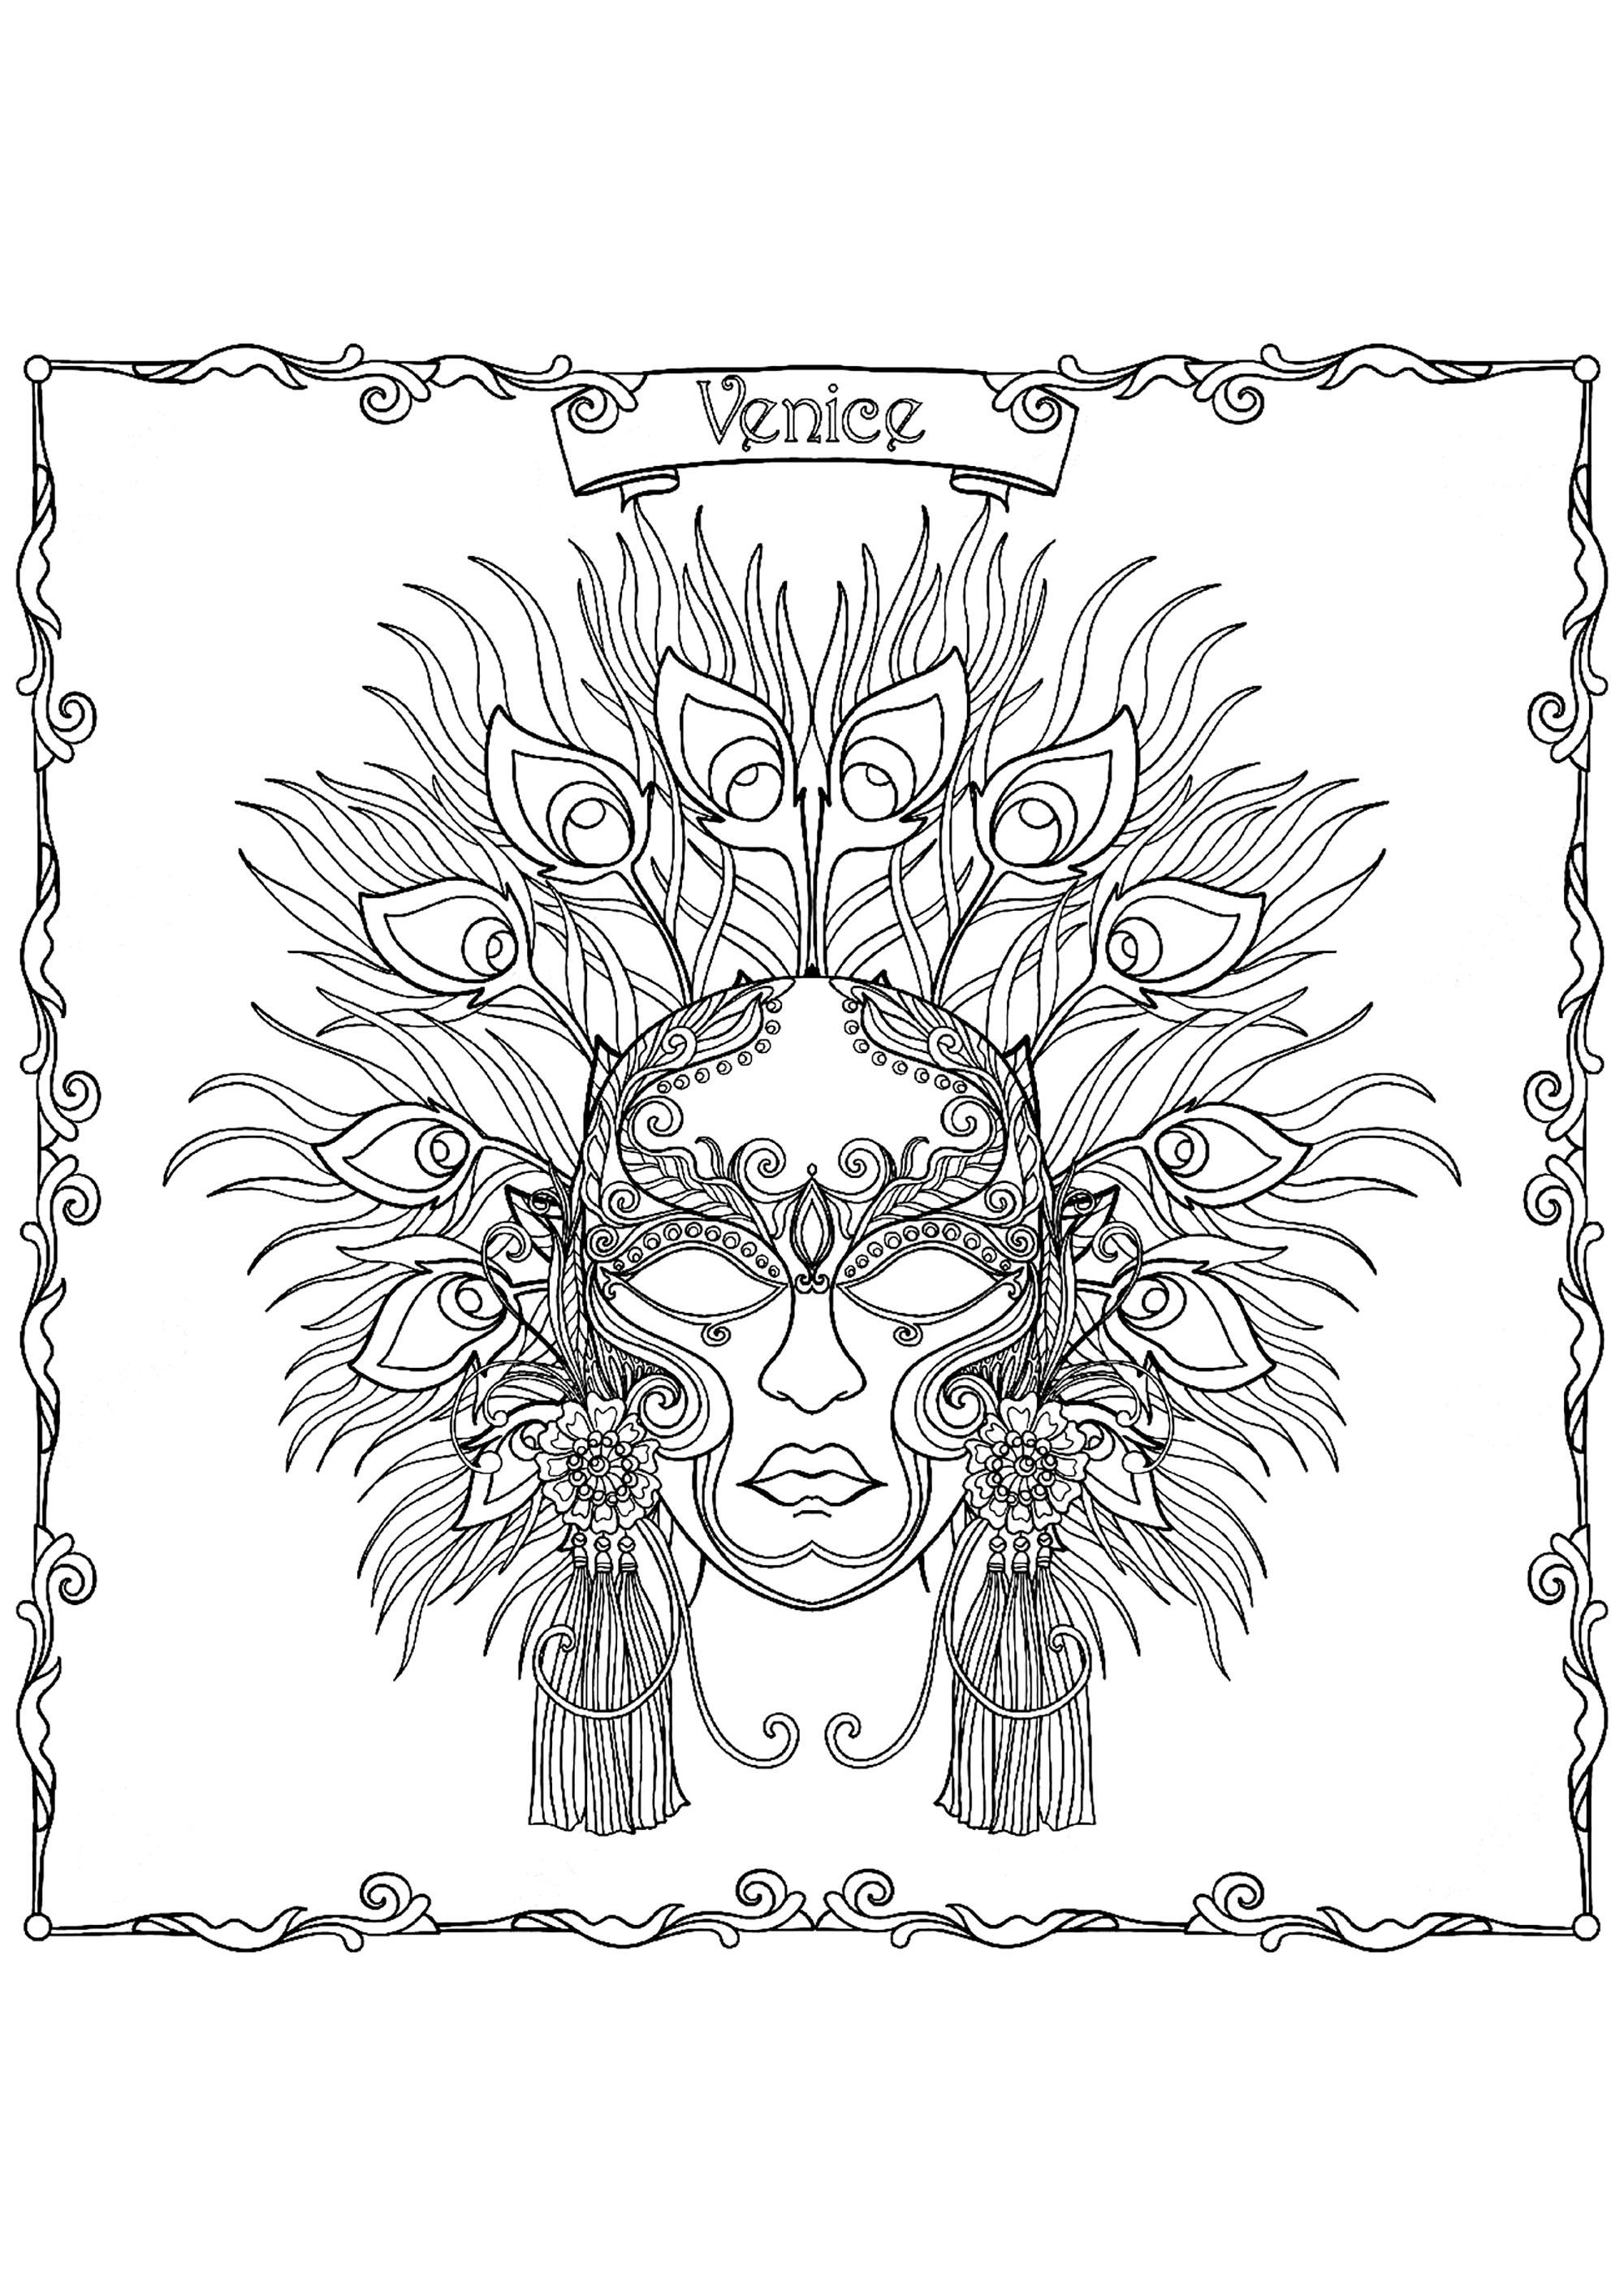 Masque du Carnaval de Venise - Carnaval - Coloriages difficiles pour adultes